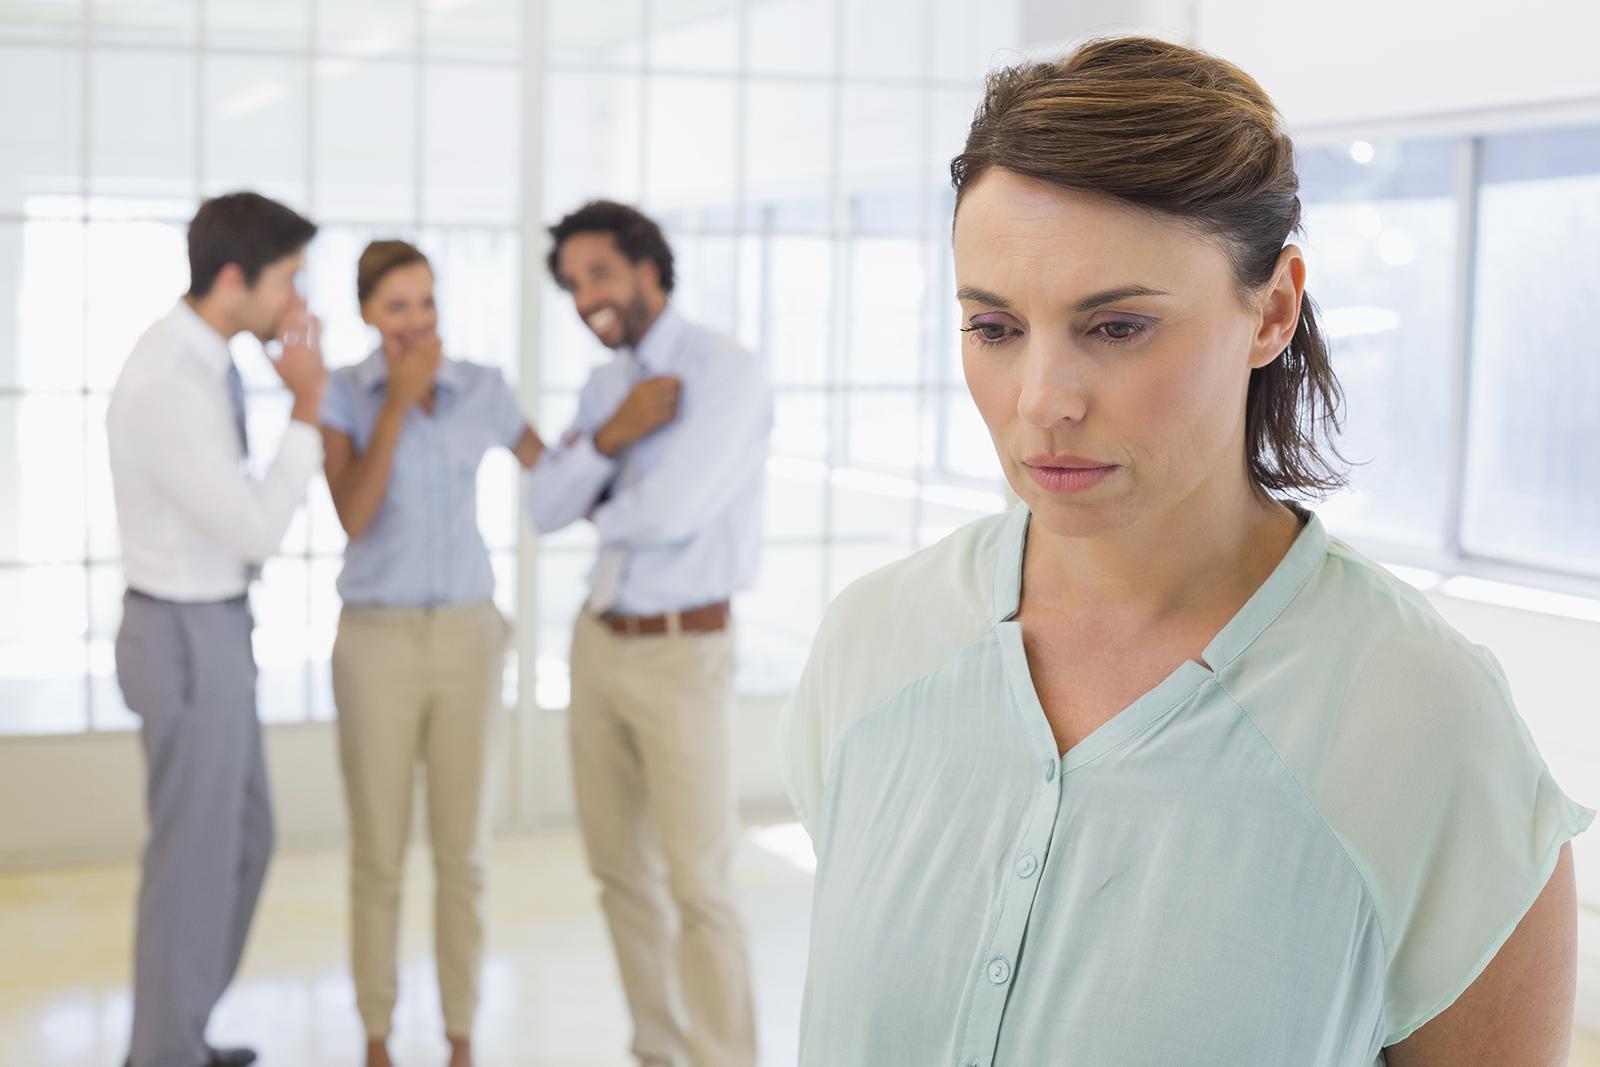 Hasil gambar untuk verbal harassment